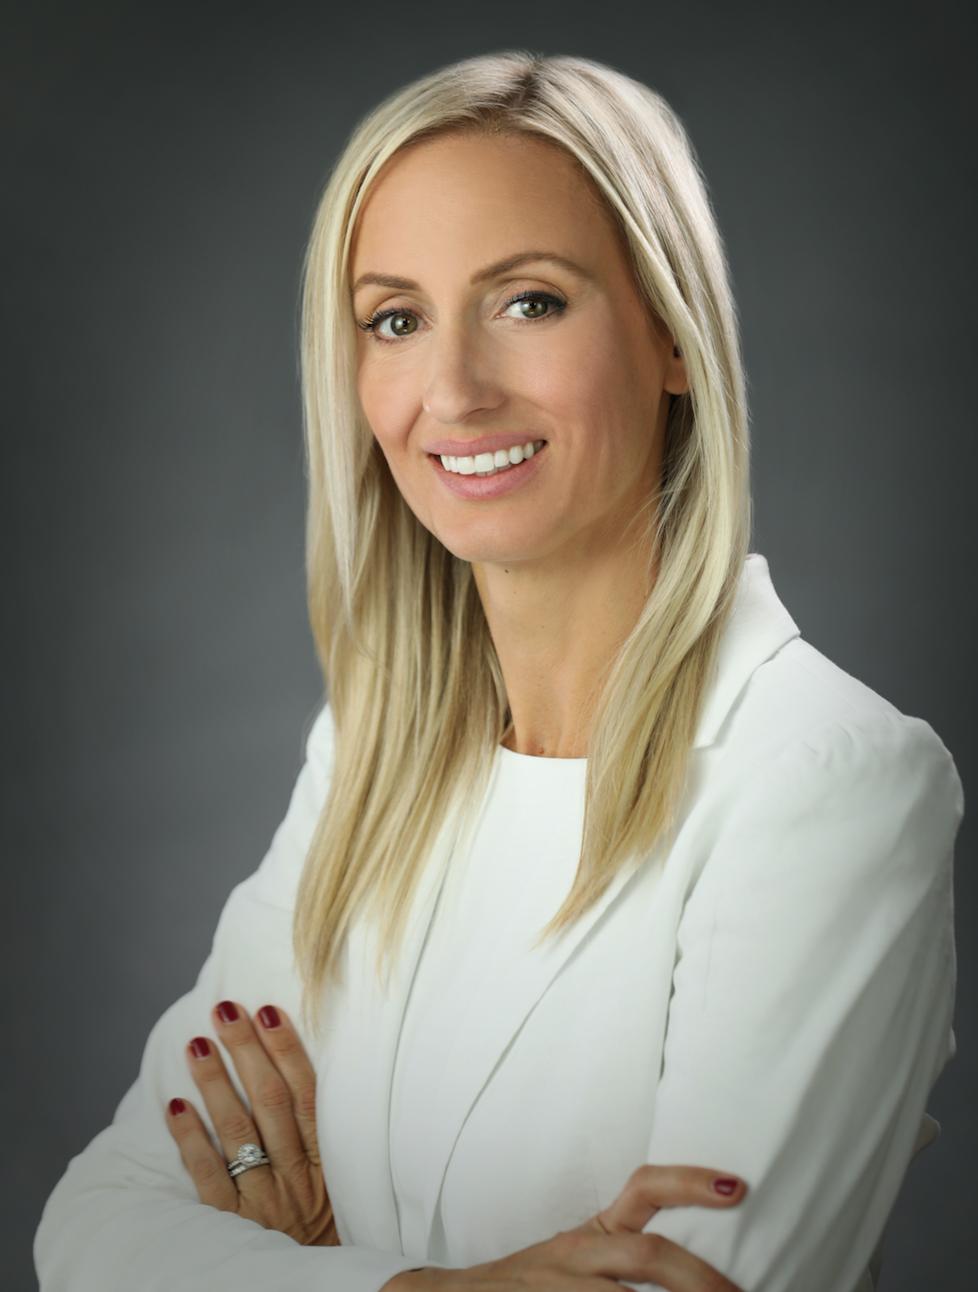 Cheryl Nagowski